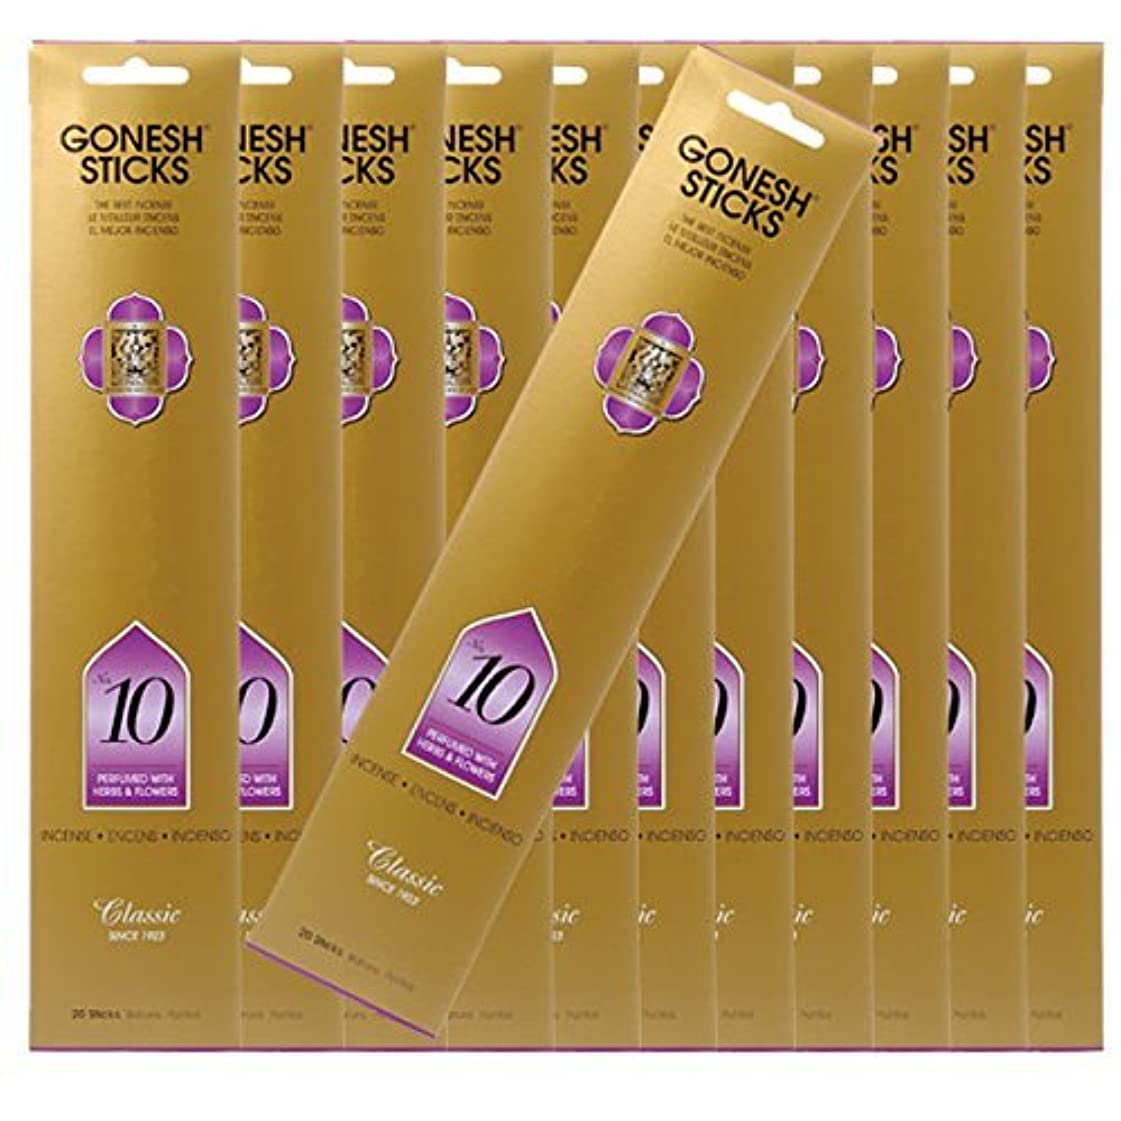 GONESH ガーネッシュ お香スティック No.10 -ハーブアンドフラワー- x12パックセット(合計240本入り)